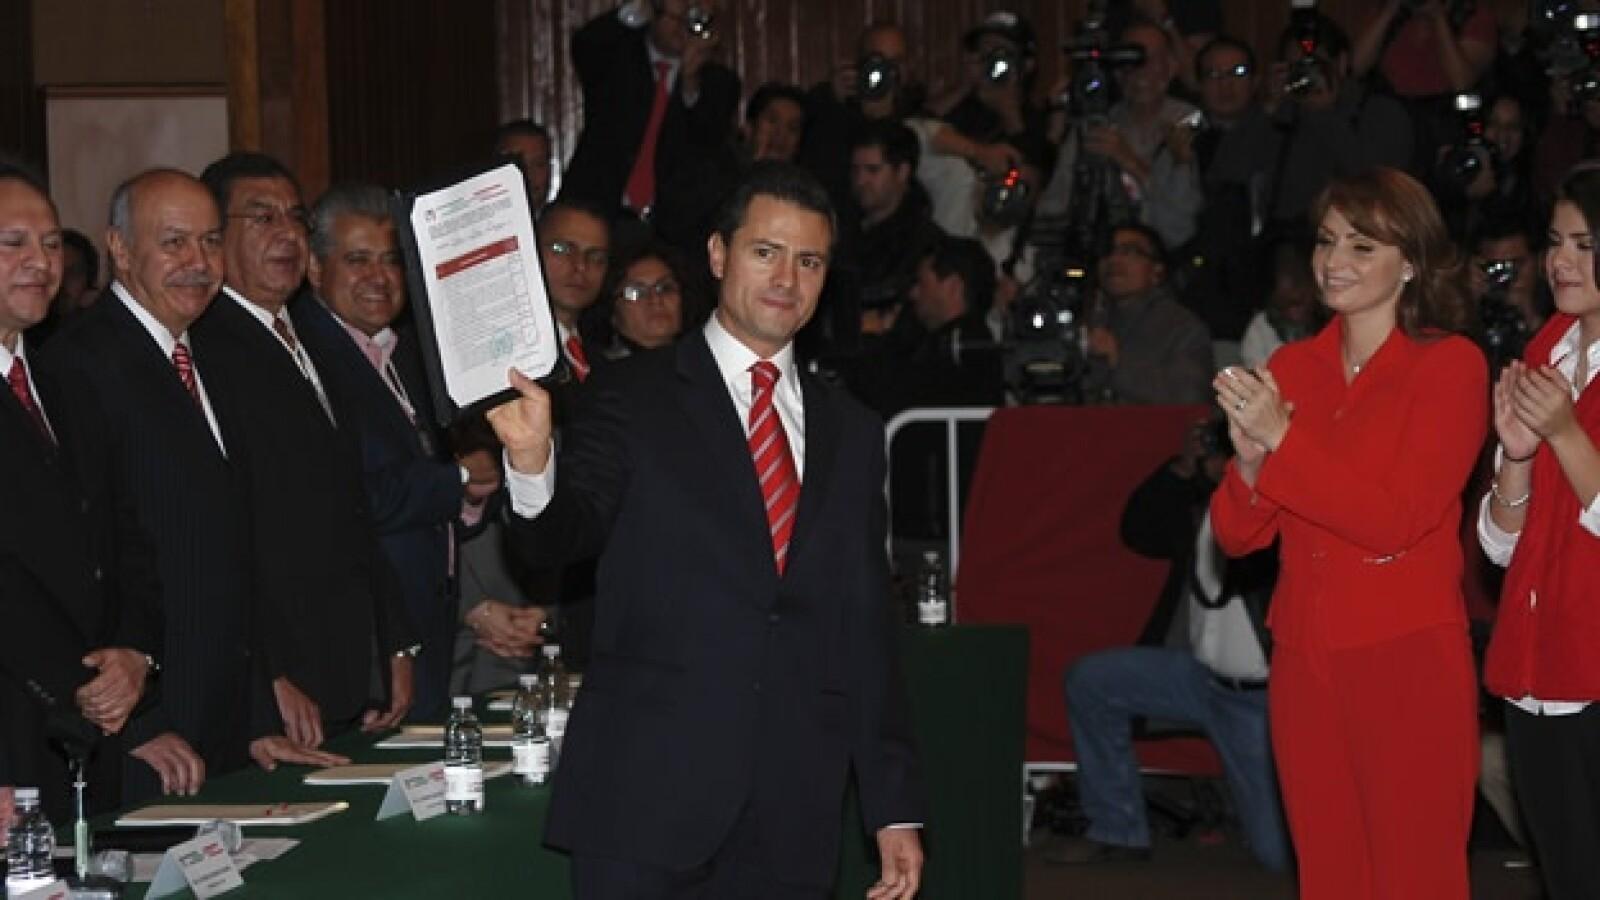 Enrique Peña Nieto se registra como precandidato del PRI a la presidencia, su contrincante es el senador Manlio Fabio Beltrones